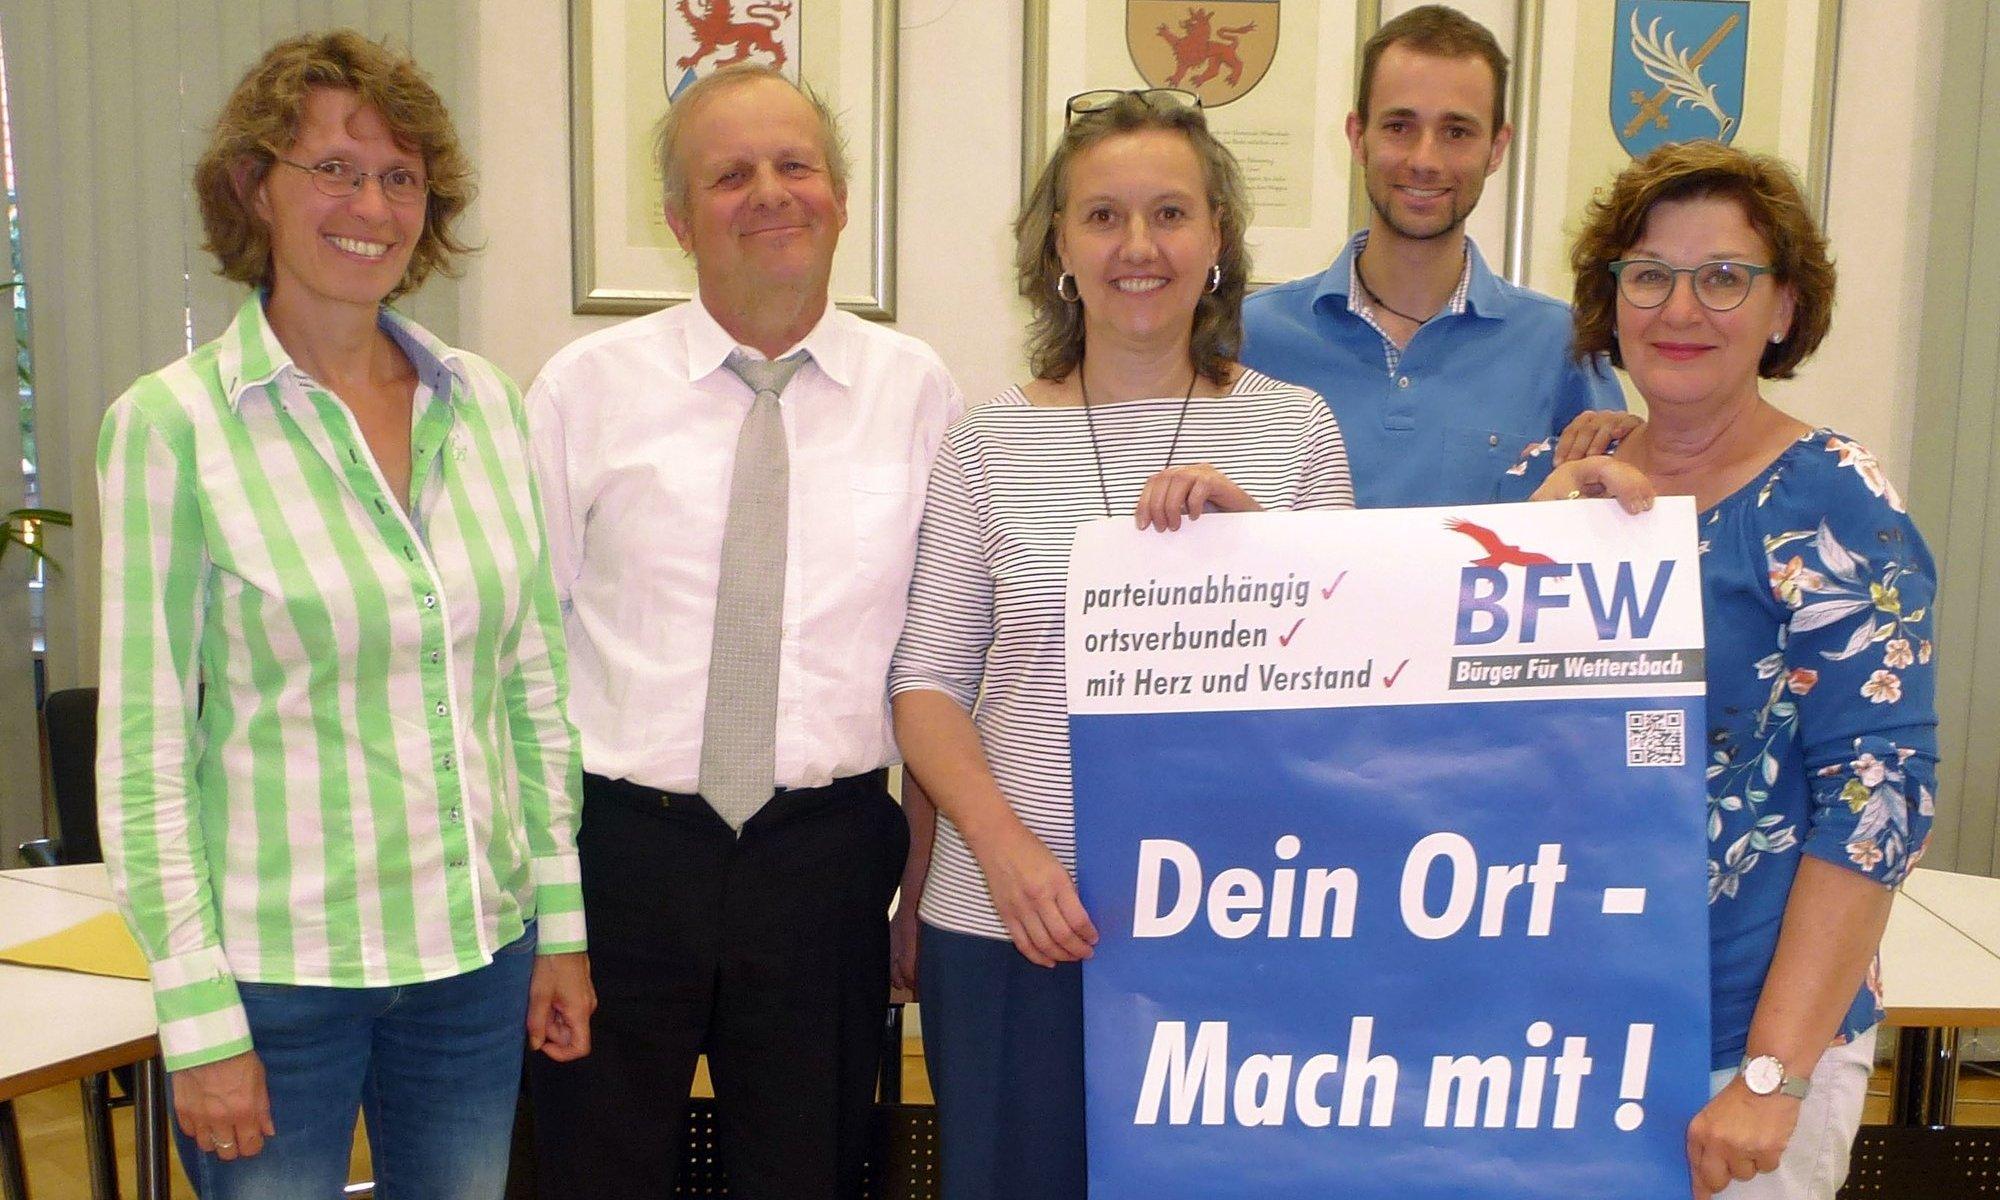 BFW - Bürger für Wettersbach